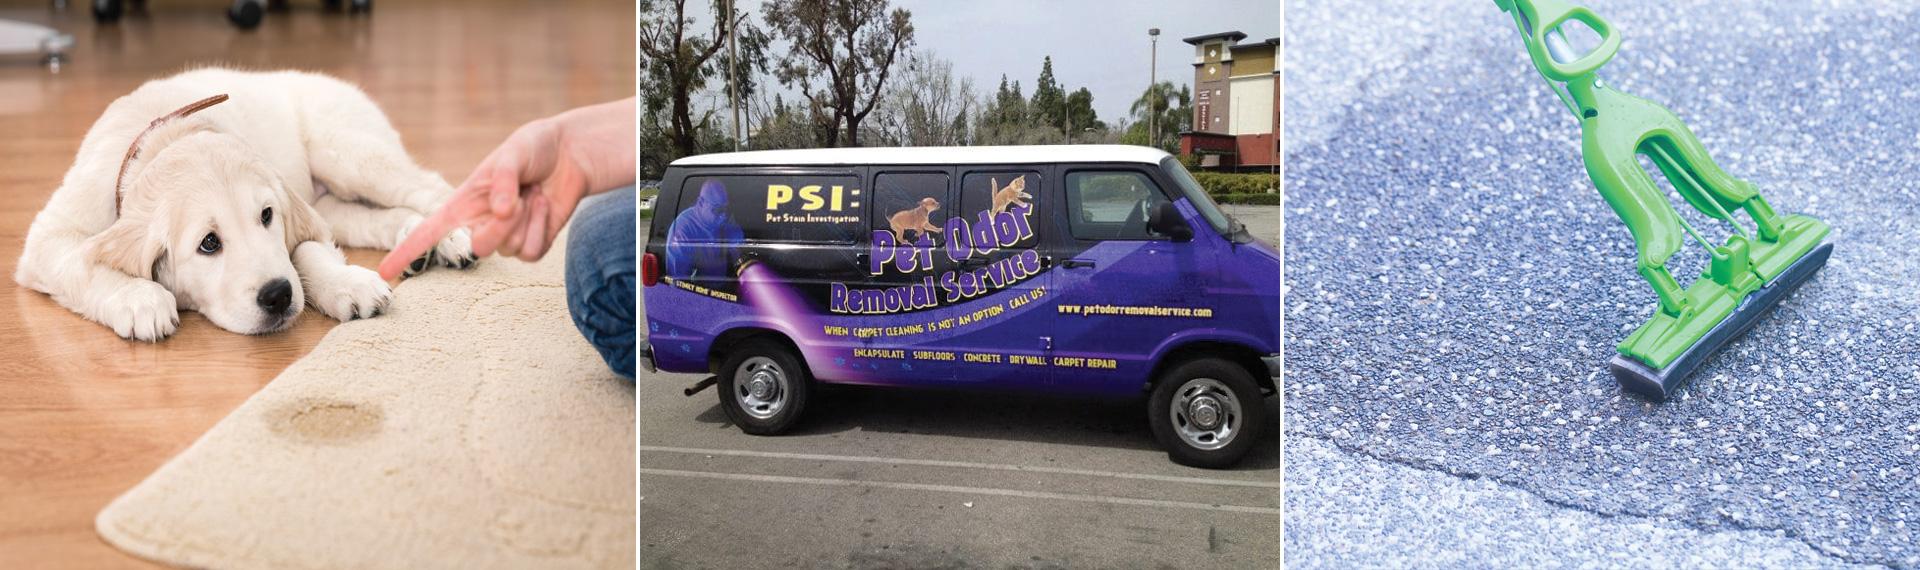 Pet Odor Removal Service Fullerton CA